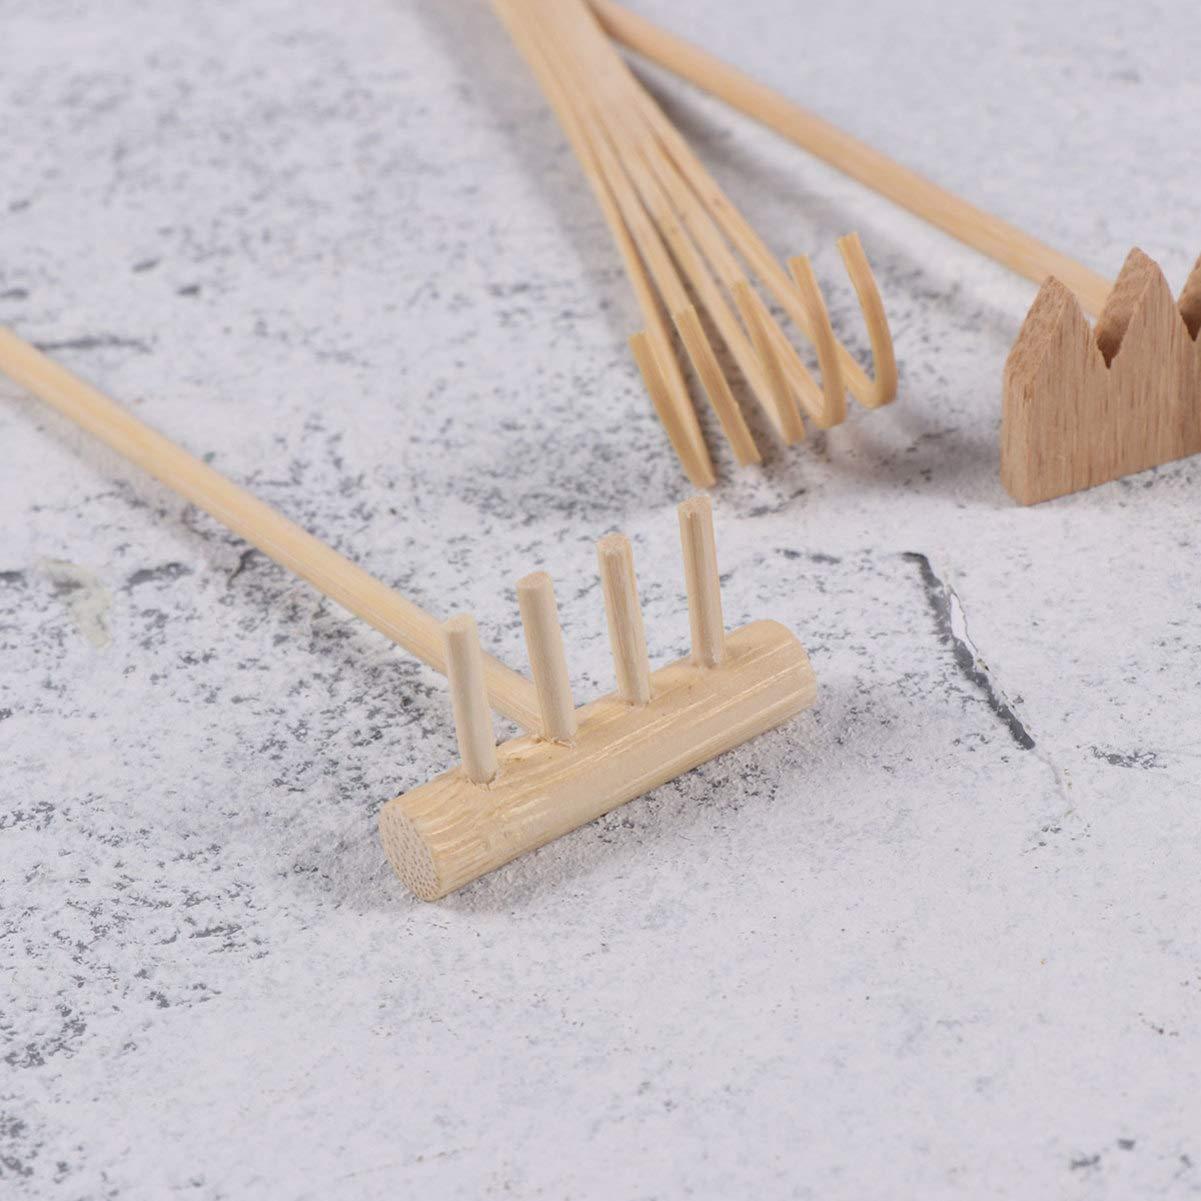 HEALLILY Mini Juego de Herramientas de jard/ín de Madera Que Incluye rastrillos Pluma de Dibujo de bamb/ú Que Empuja la Pluma de Arena 4 Piezas